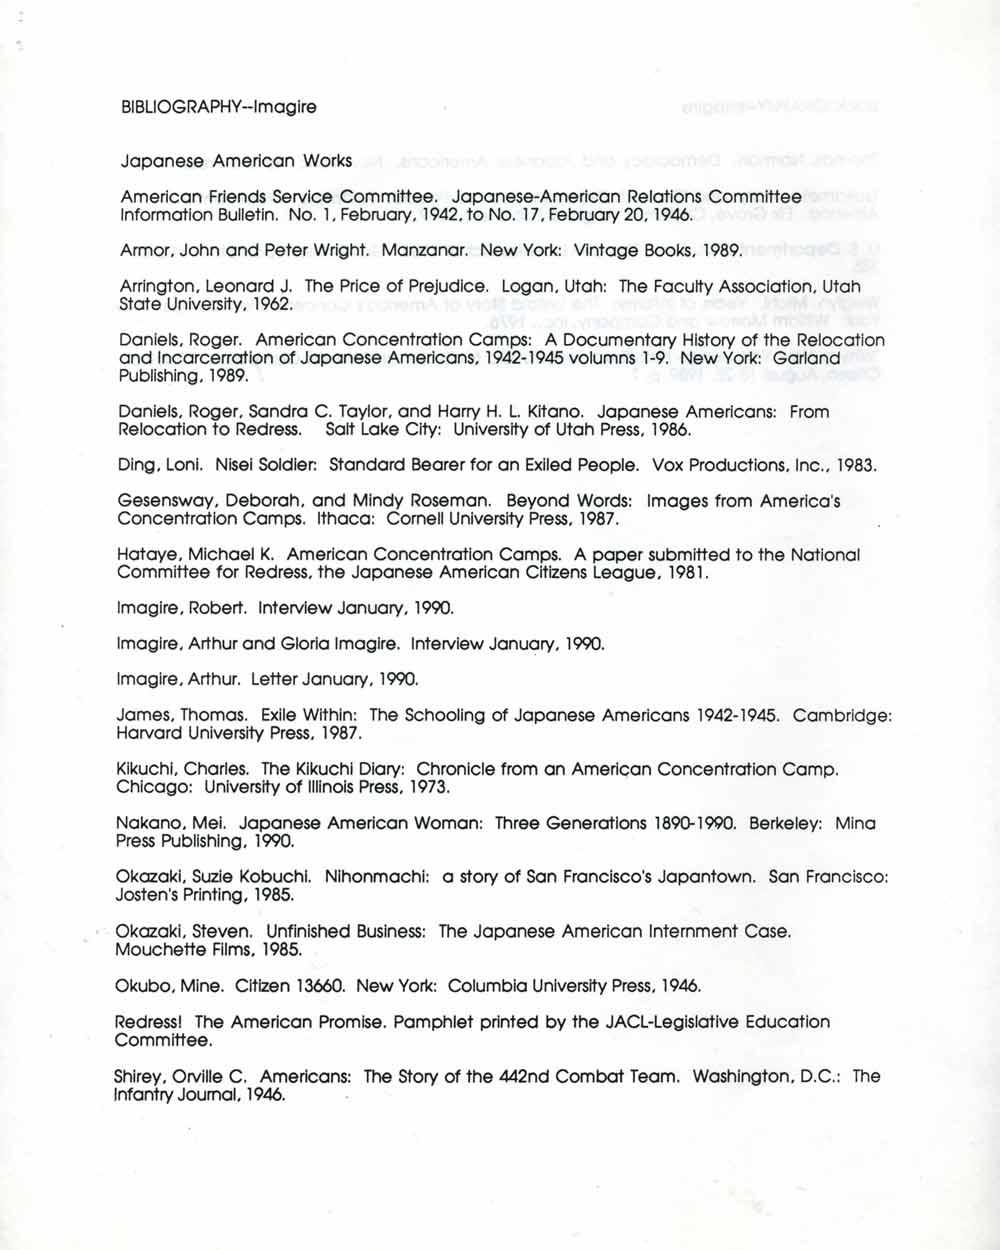 Family Timeline, pg 19